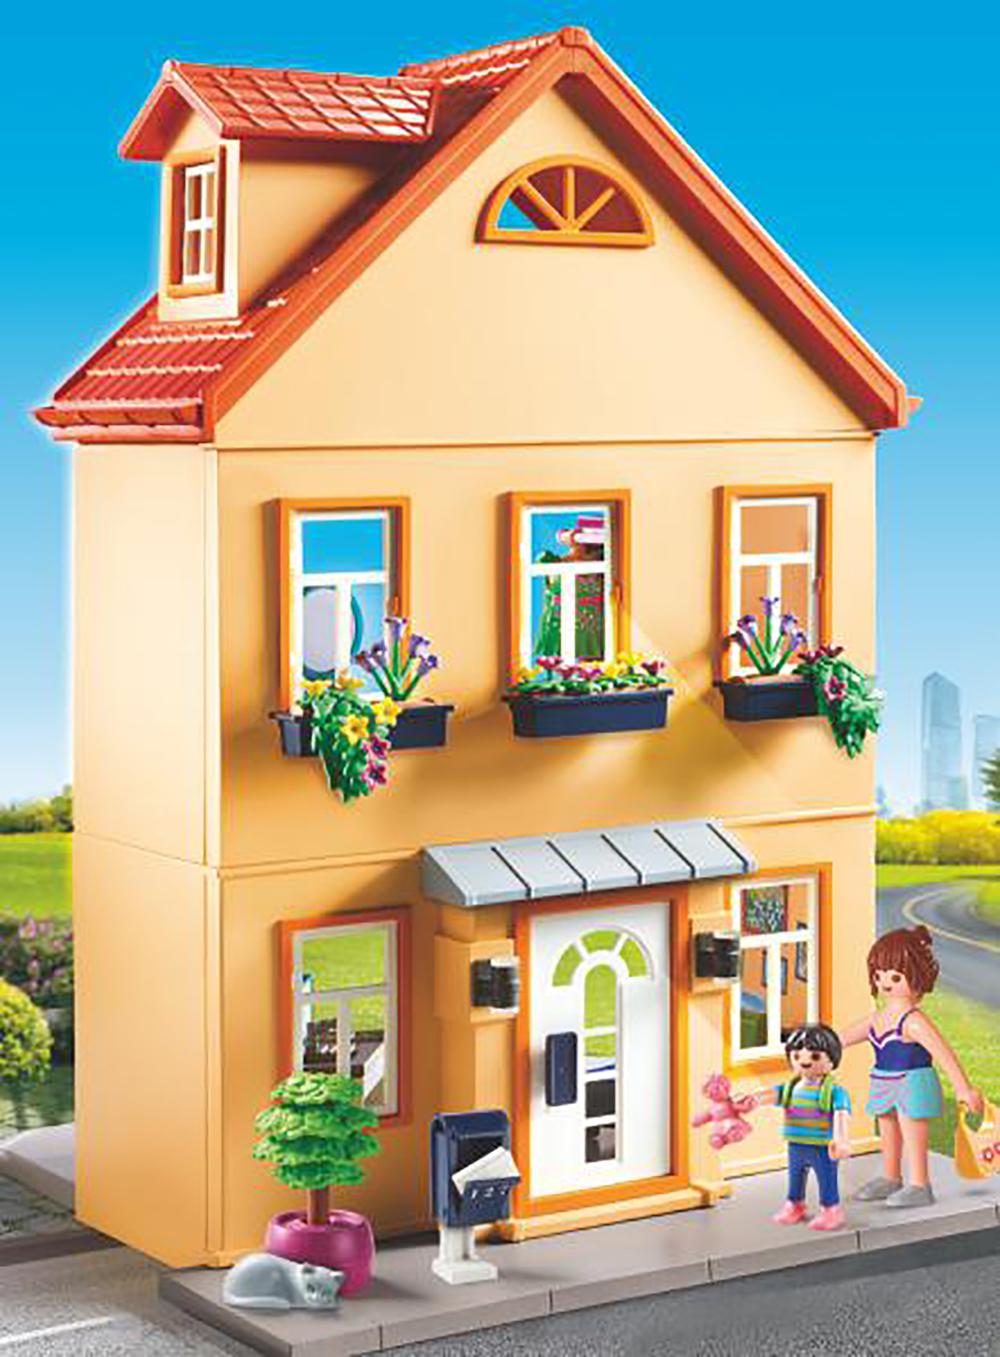 City Life - Maison de ville